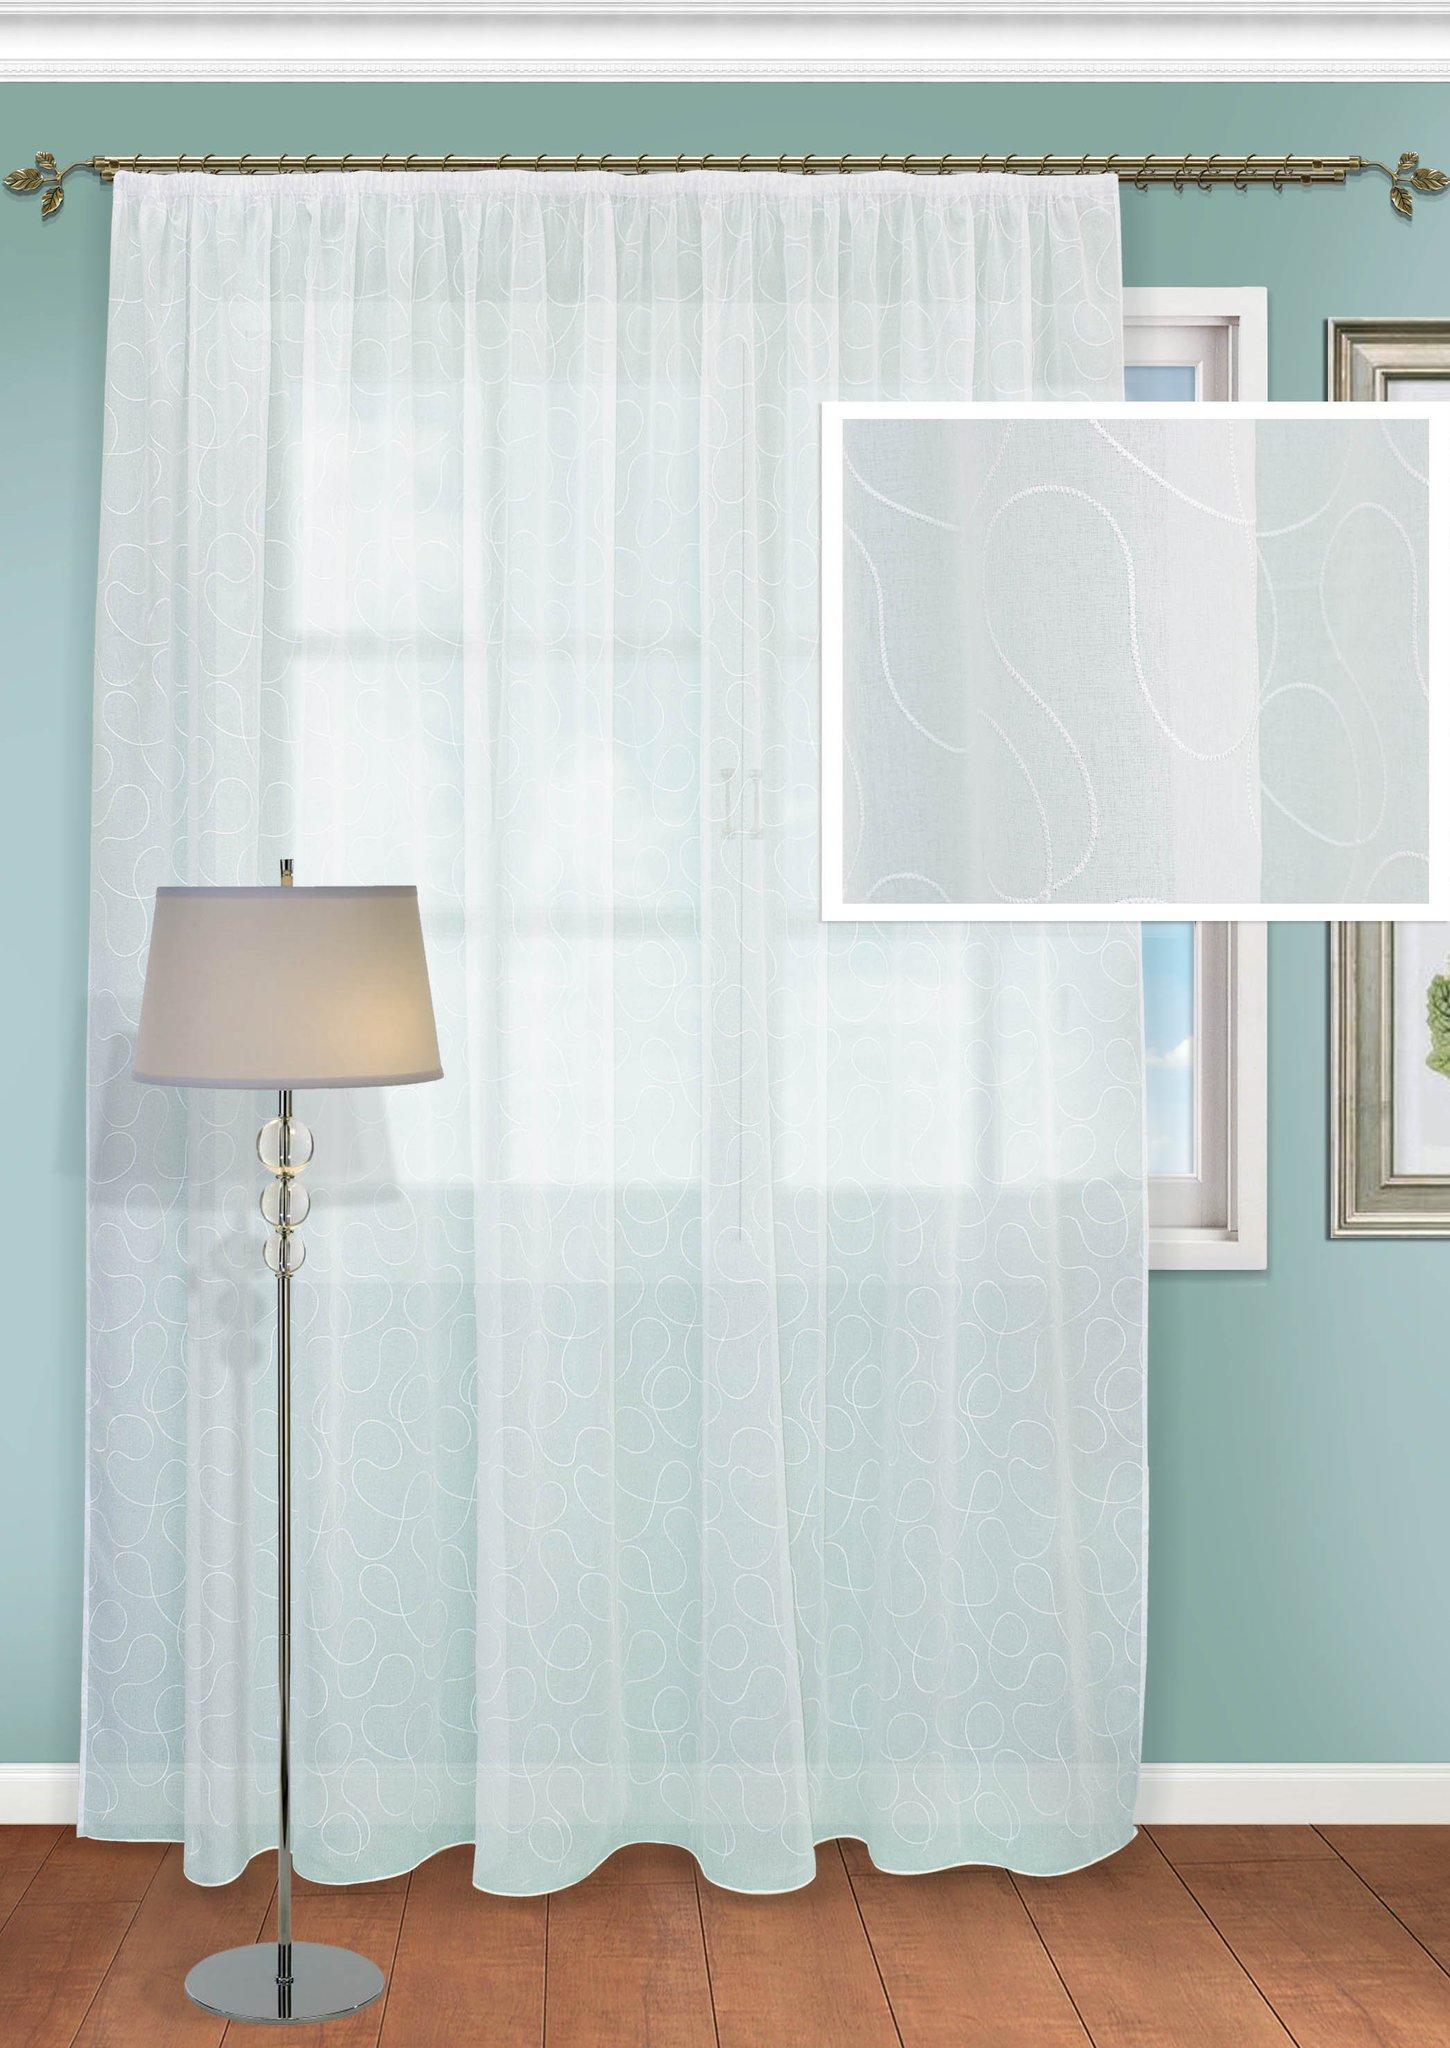 Шторы Kauffort Классические шторы Savayardi-XL Цвет: Белый шторы kauffort классические шторы montana xl цвет фиолетовый желтый